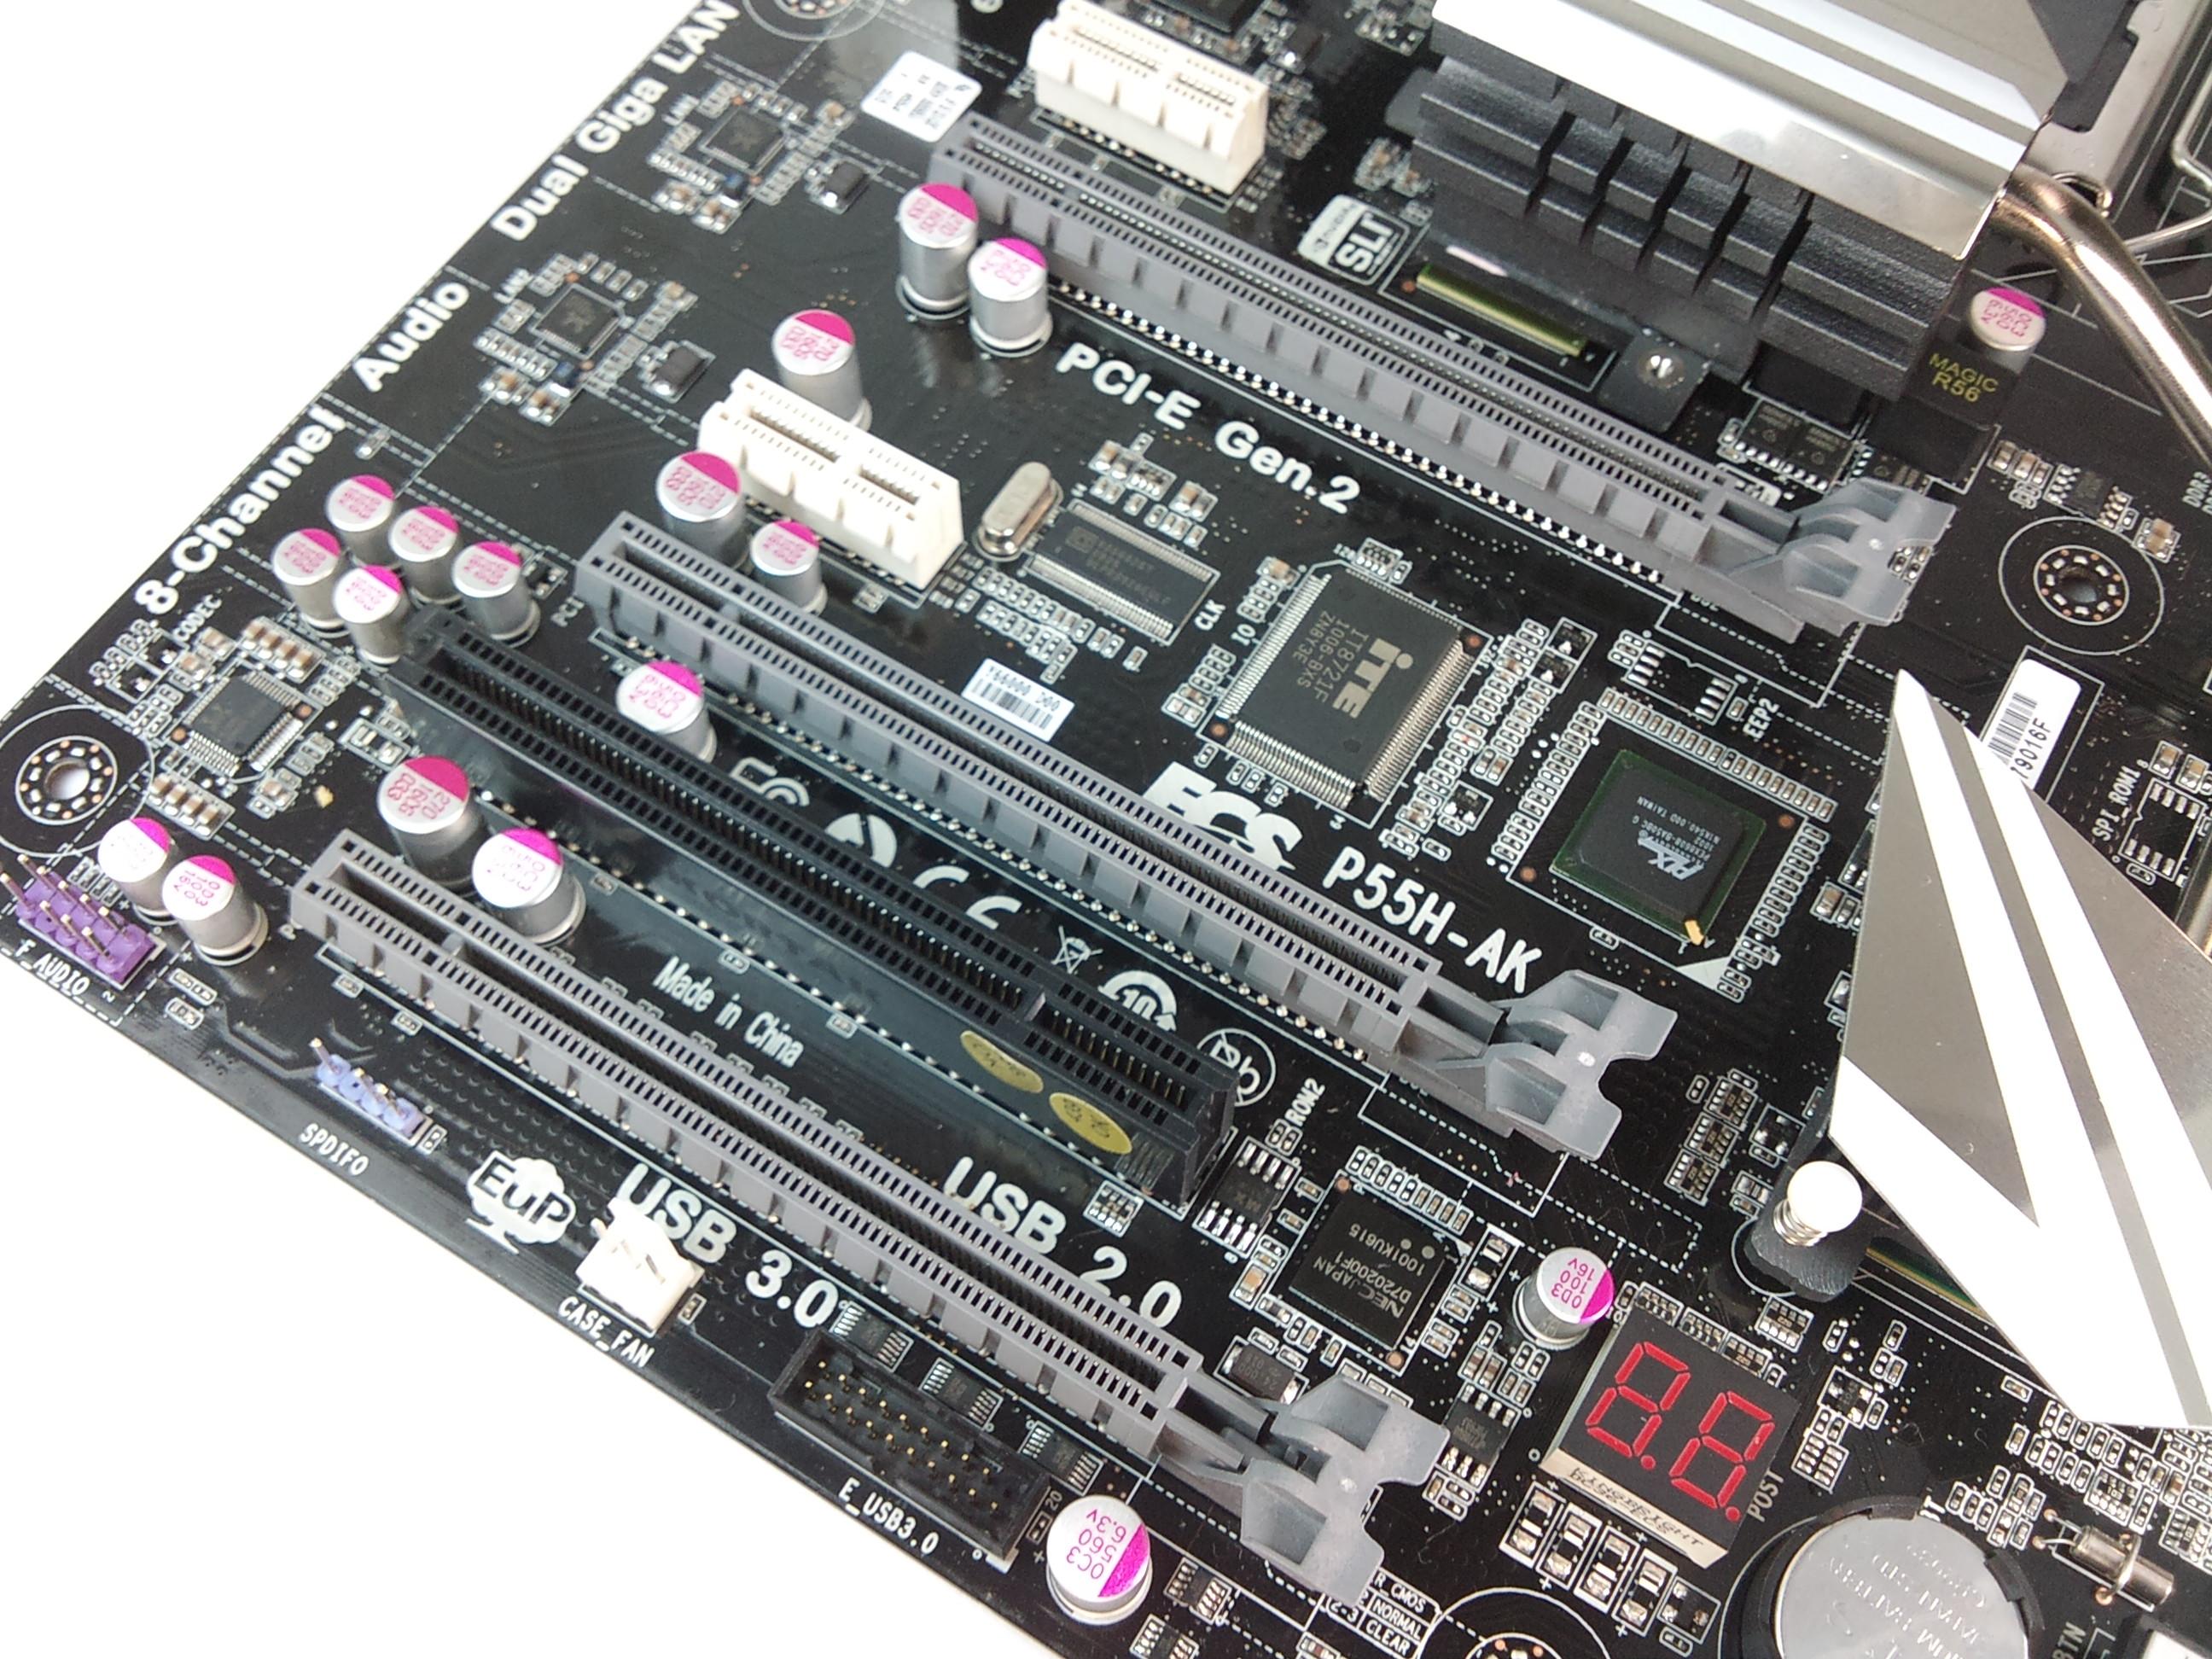 COMPUTEX 2010精英上演極限超頻秀 搭配Intel®最新K SKU處理器創造驚異效能